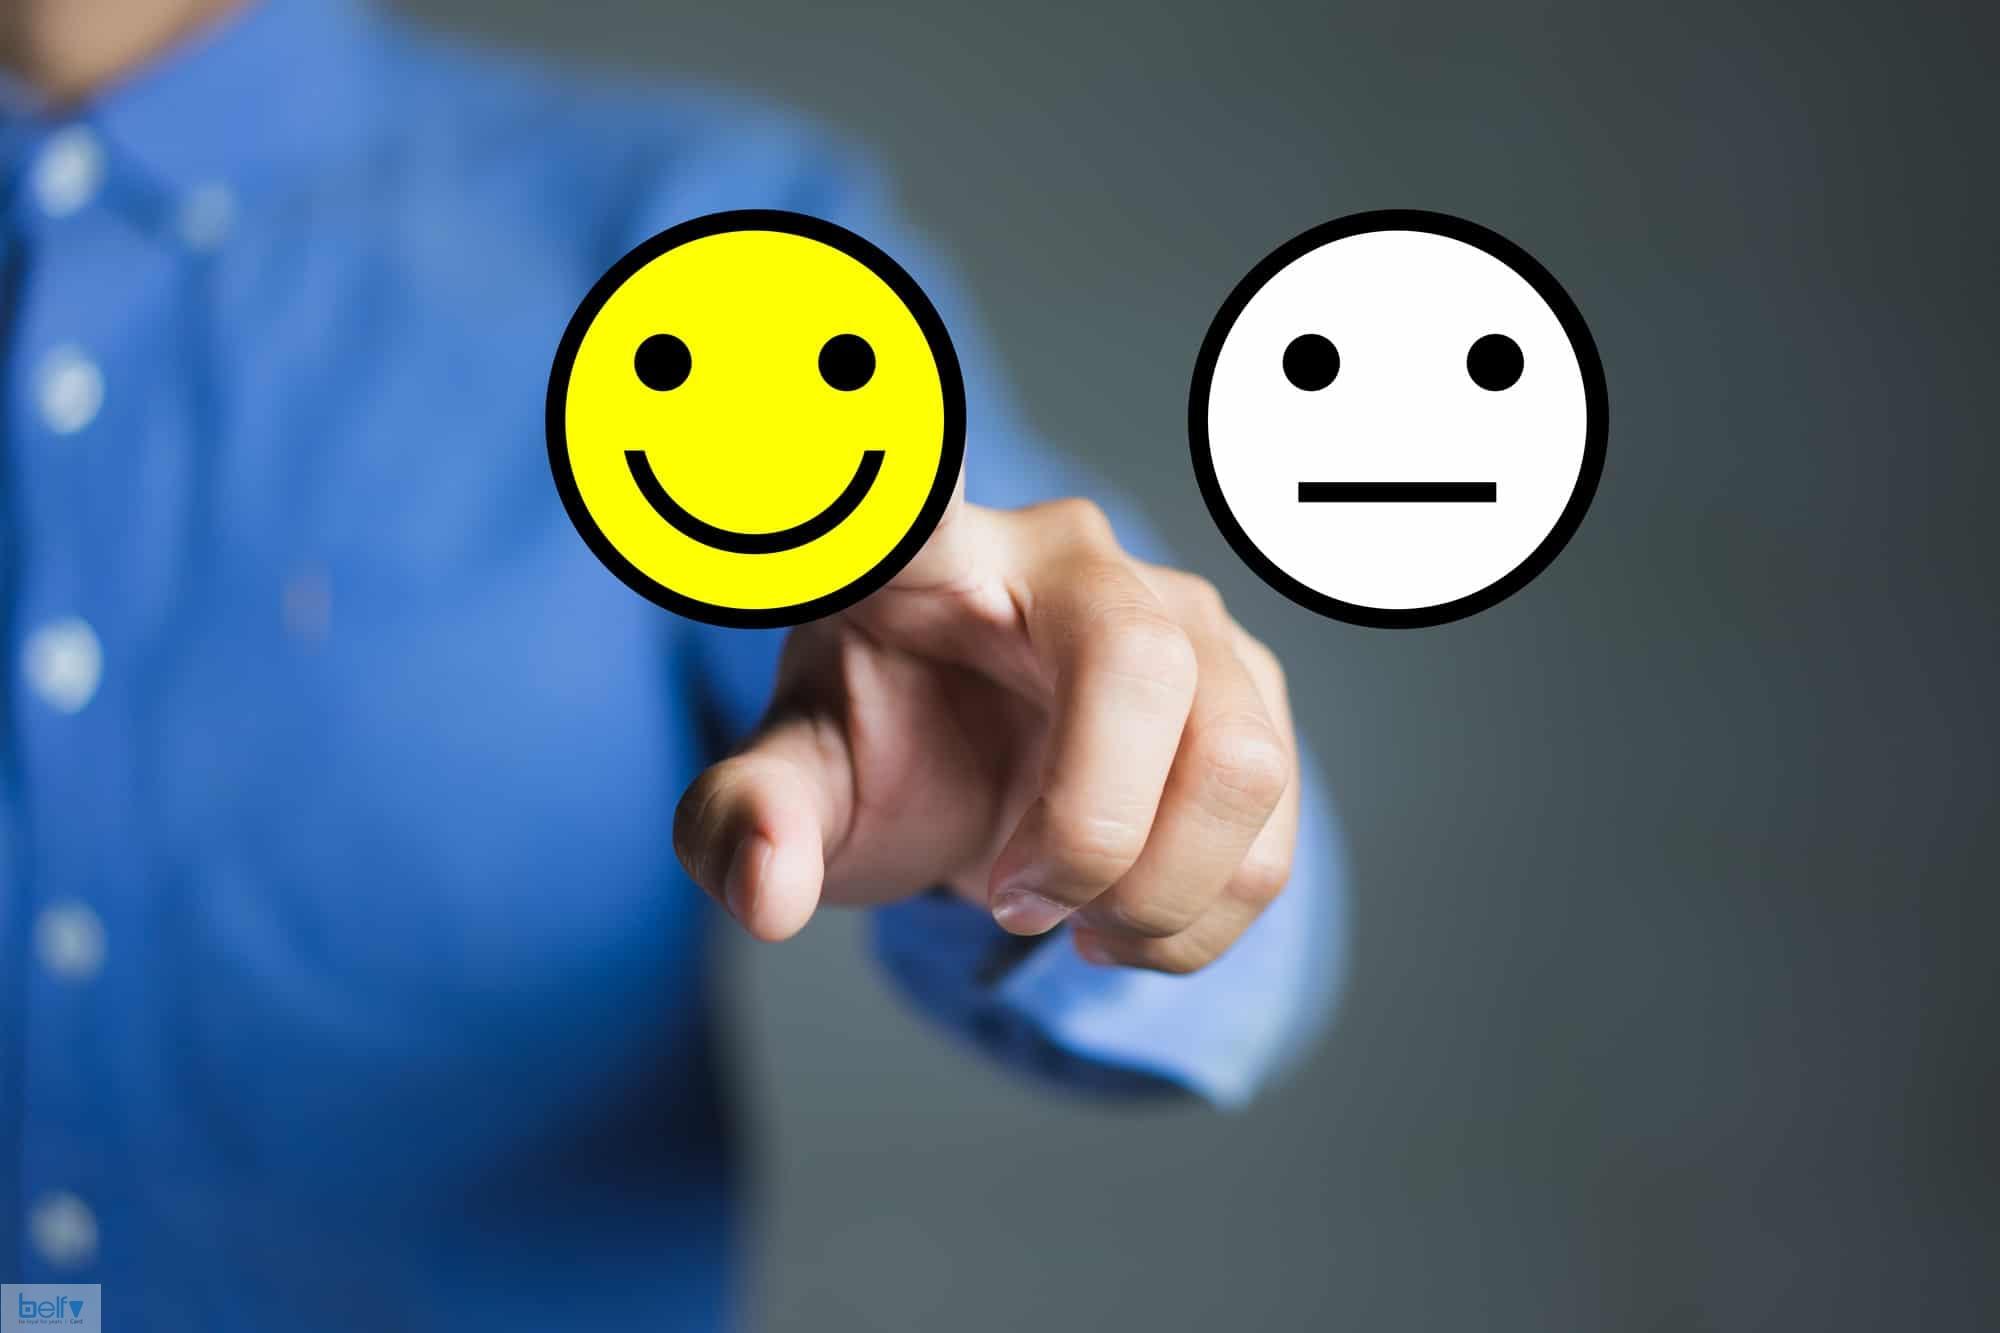 چرا دریافت بازخورد از مشتریان در کسب و کارها اهمیت دارد؟